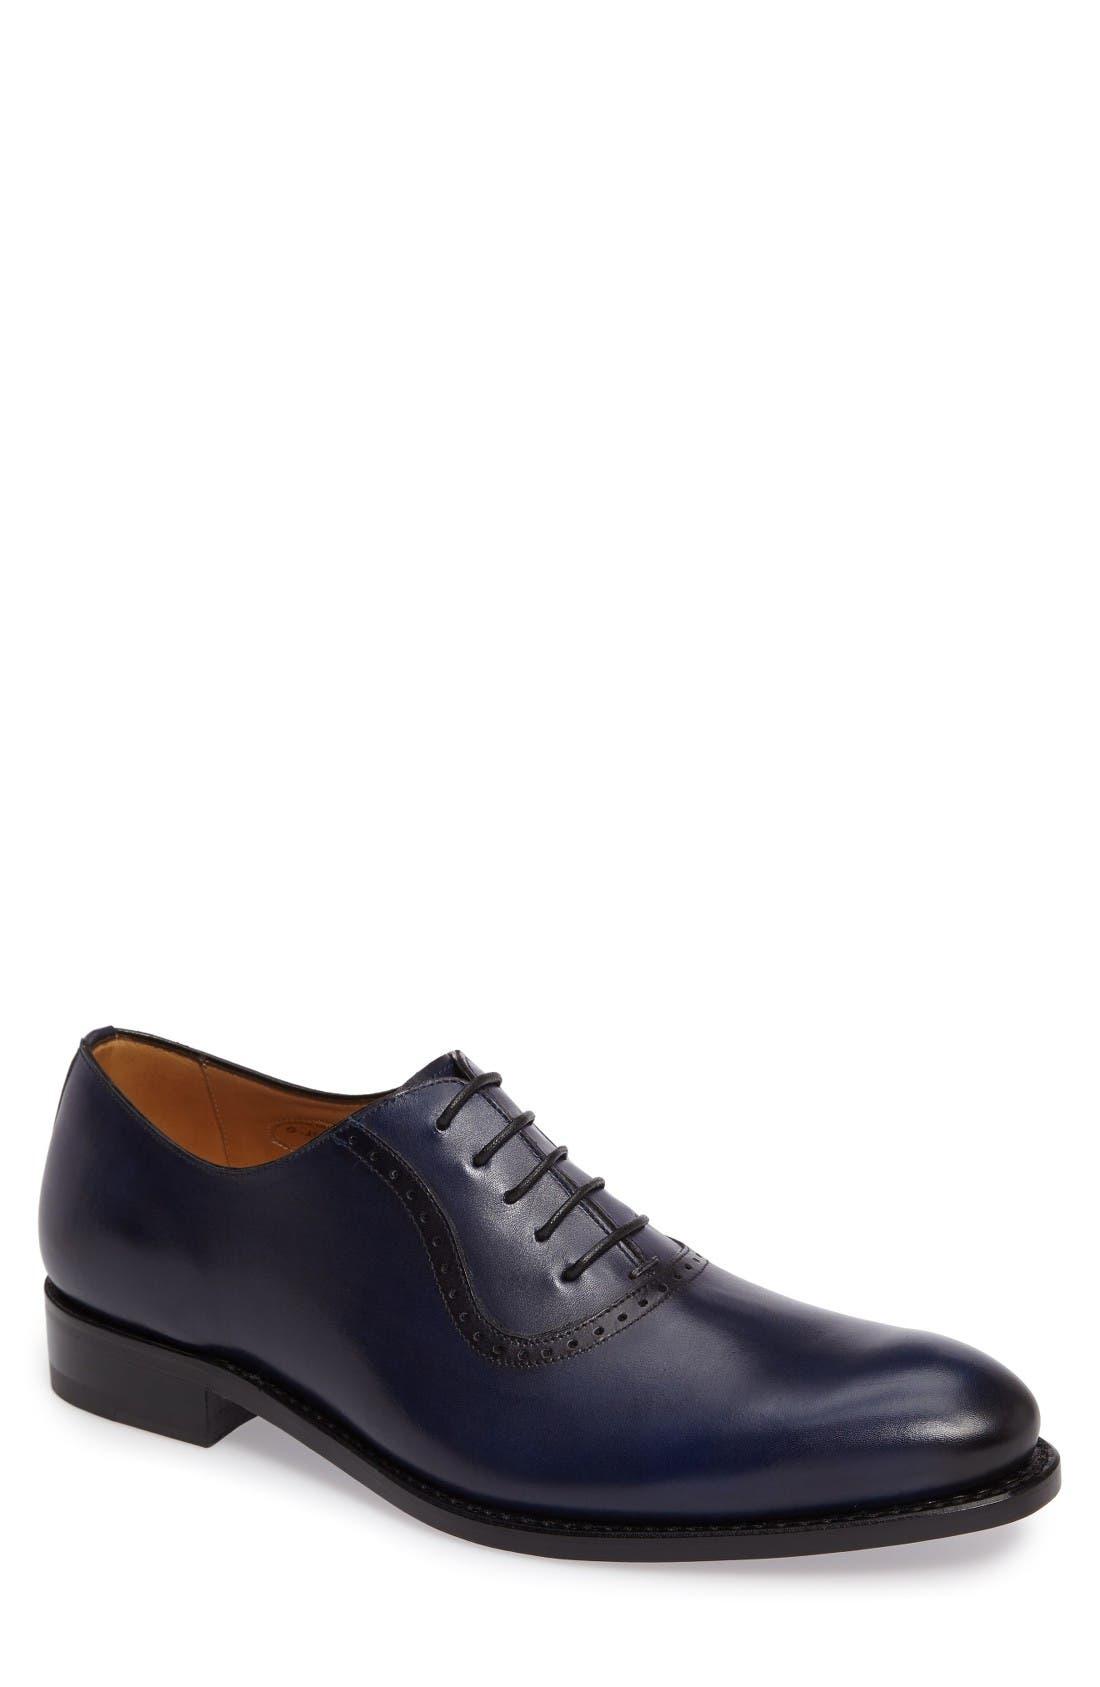 Impronta by Mezlan G105 Plain Toe Oxford (Men)